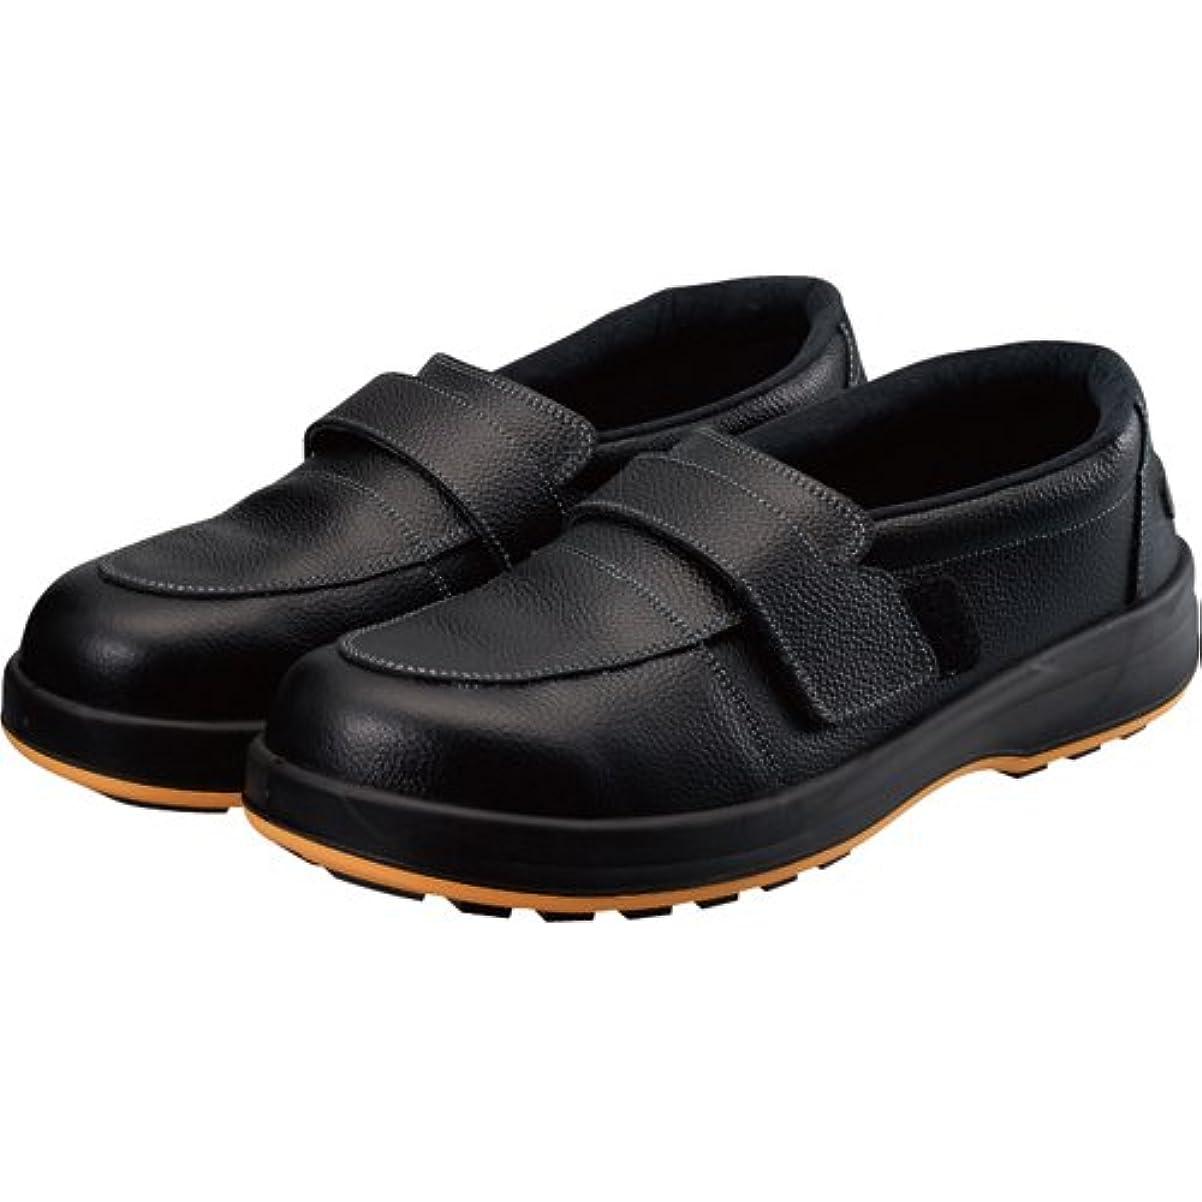 かもしれない忠誠シルエットシモン 3層底救急救命活動靴(3層底) WS17ER24.0